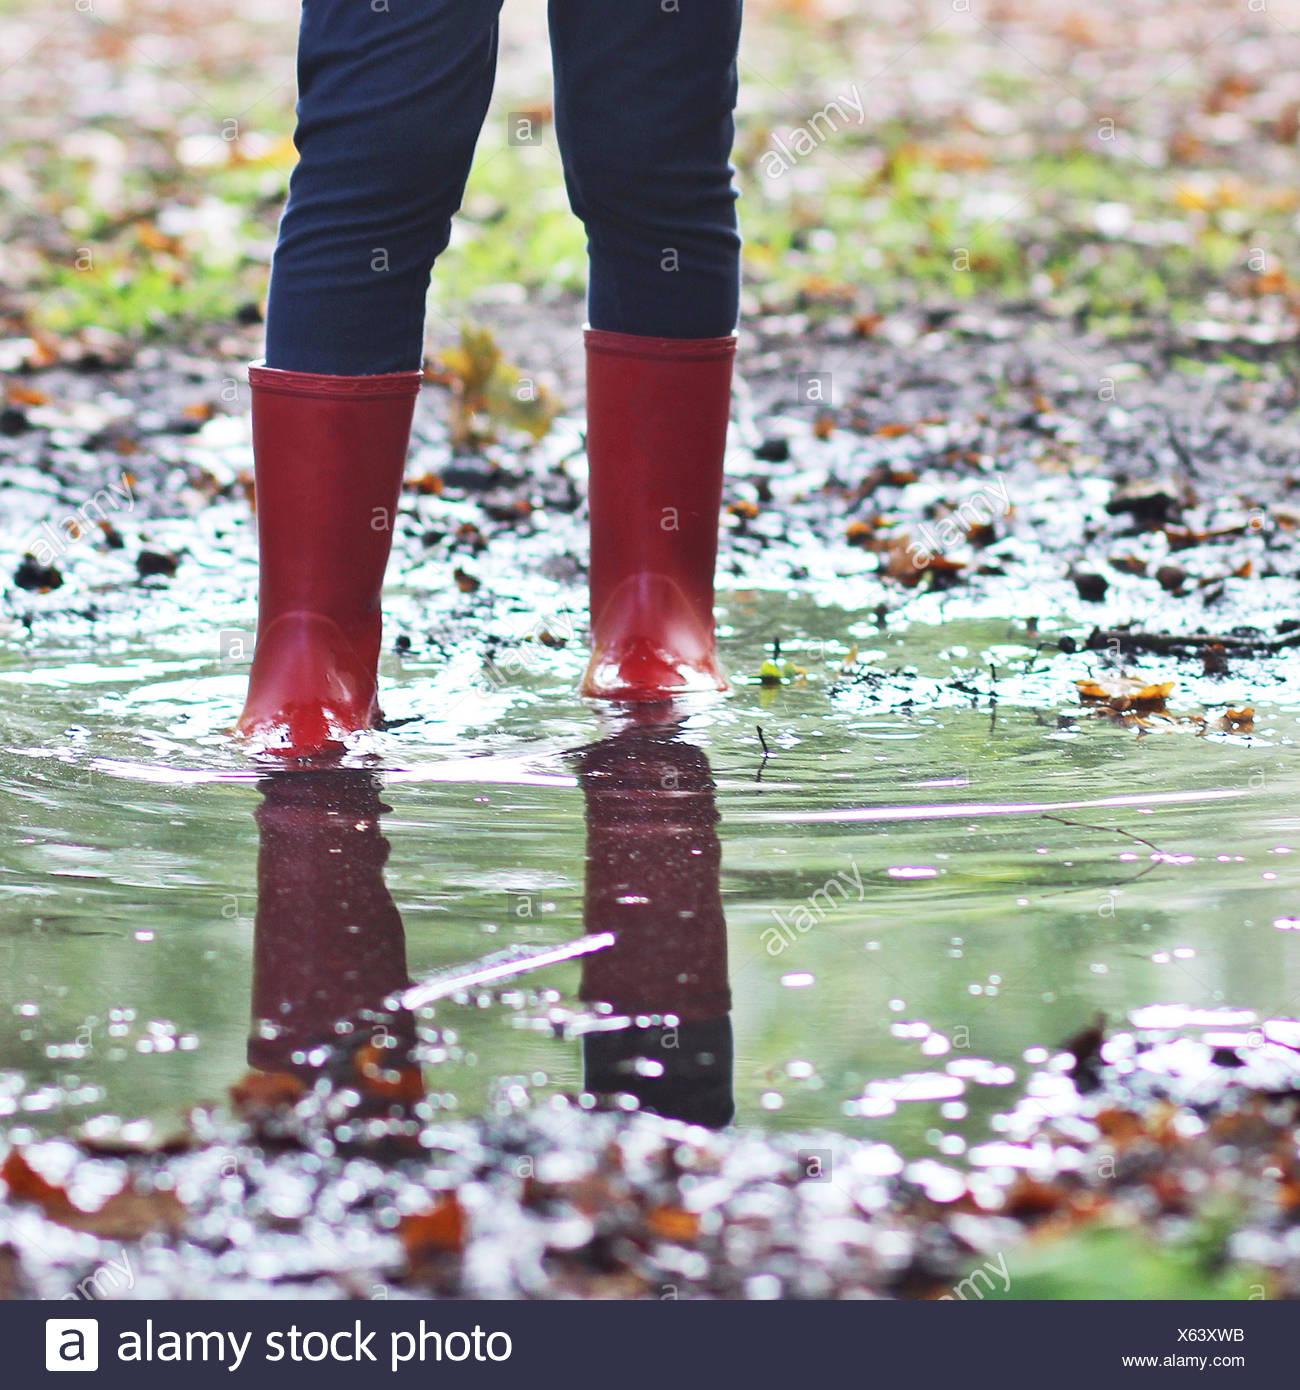 Ragazza di indossare gli stivali da pioggia in piedi in una pozza Immagini Stock